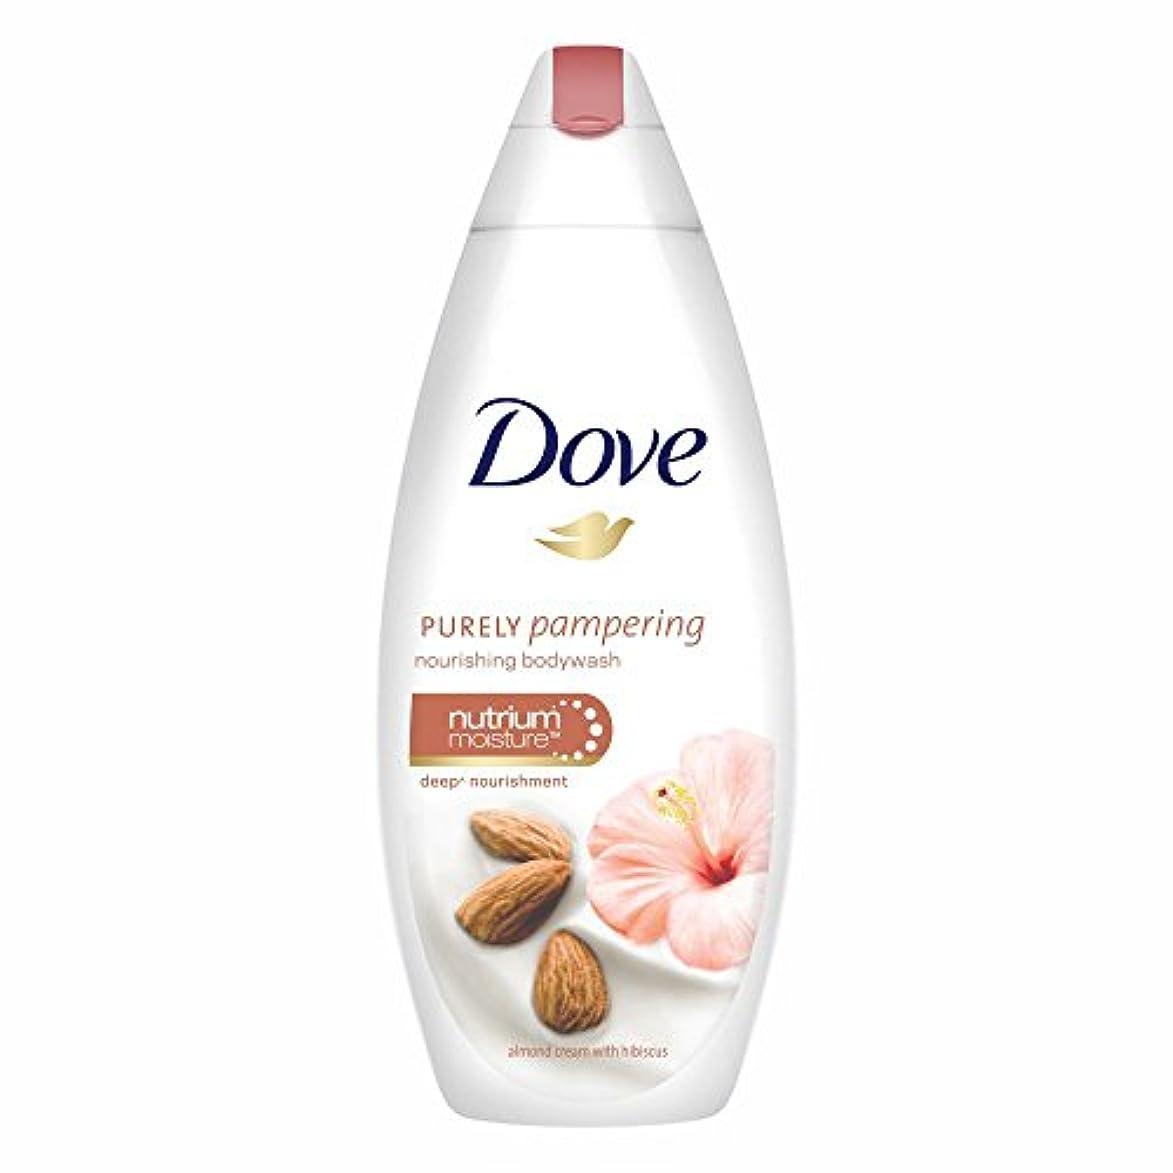 遅れチェスフィードDove Purely Pampering Almond Cream and Hibiscus Body Wash, 190ml